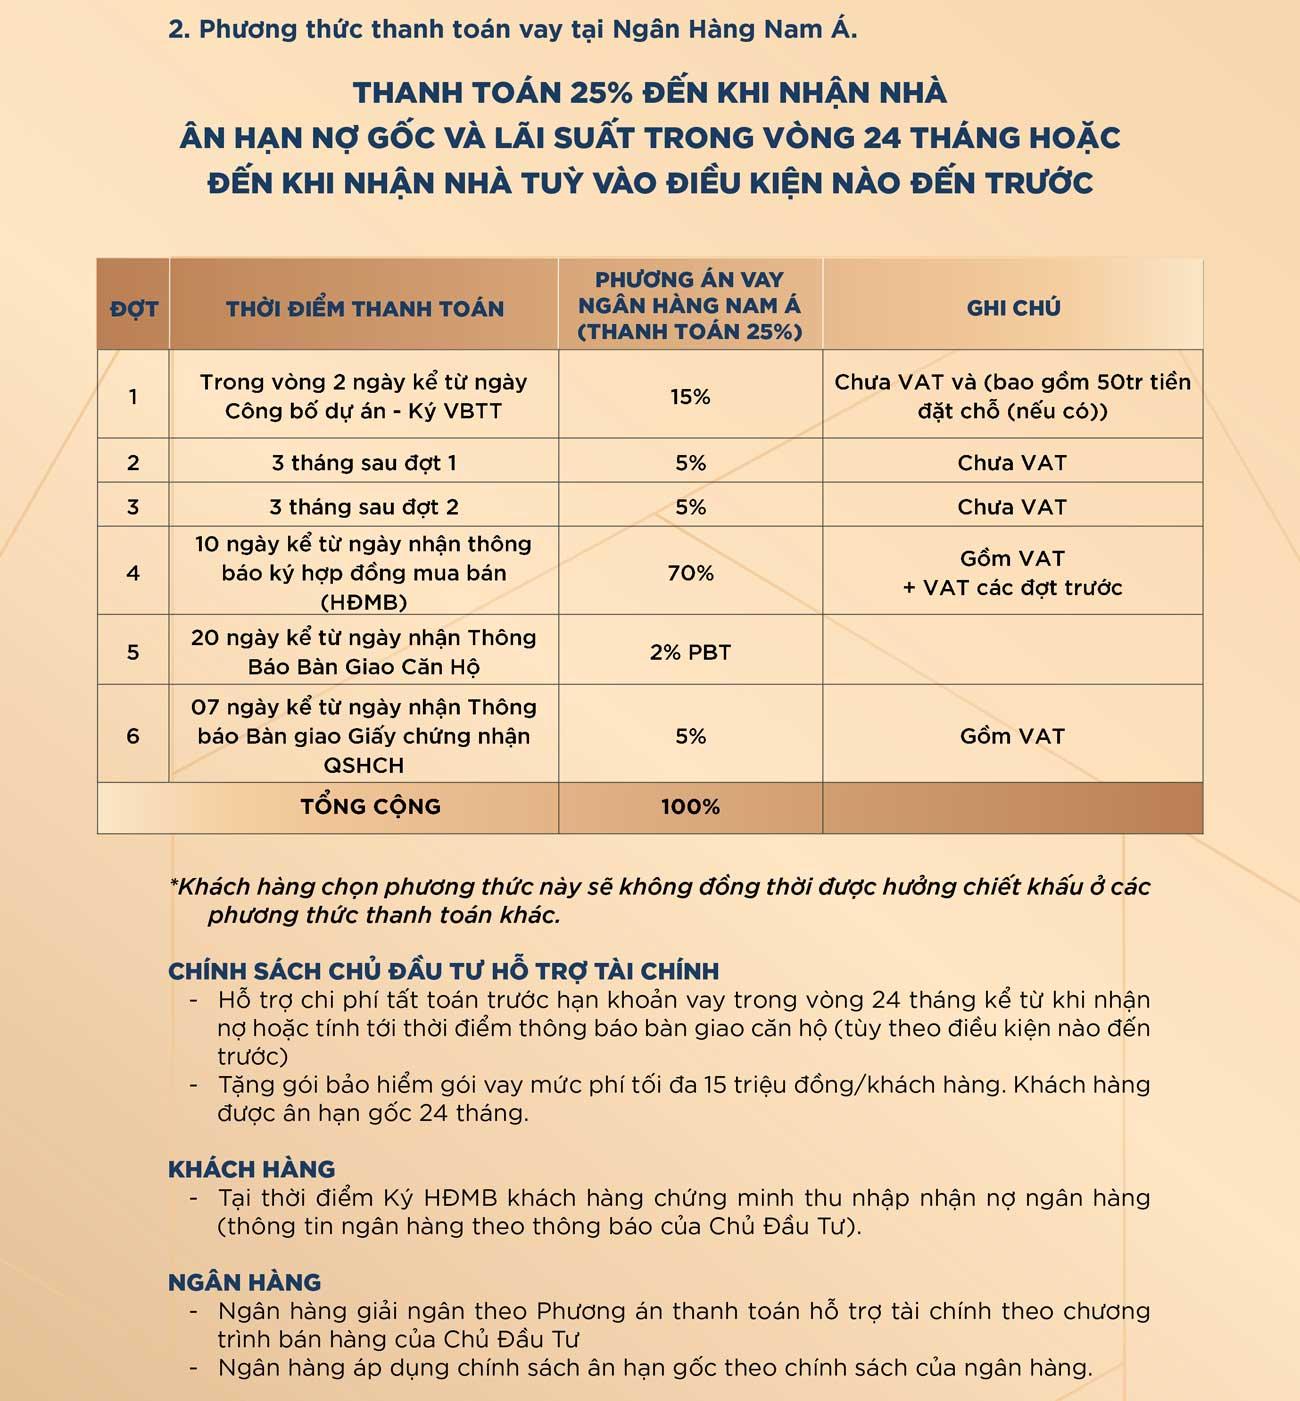 Phương thức thanh toán vay mua căn hộ Charm Diamond Bình Dương